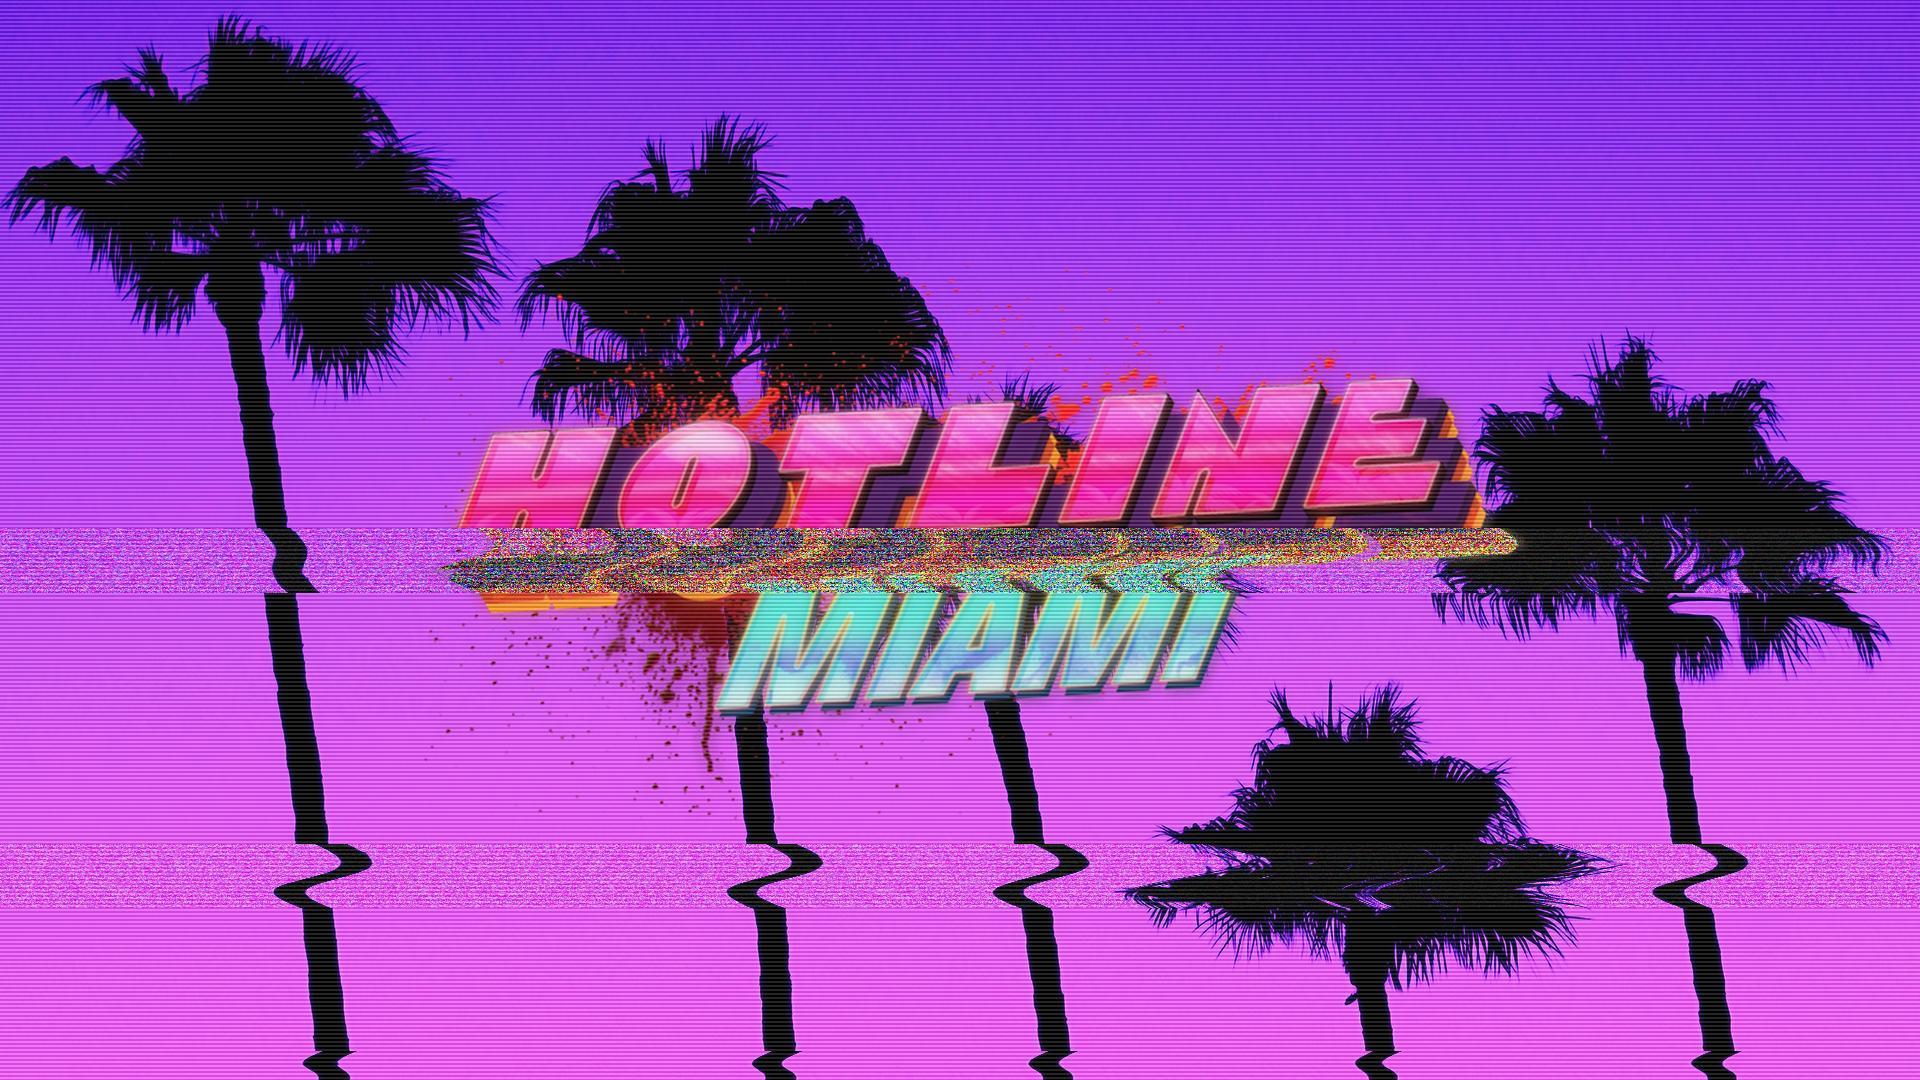 Hotline Miami. Пиксельное ультранасилие. [Часть 1/2]. - Изображение 1